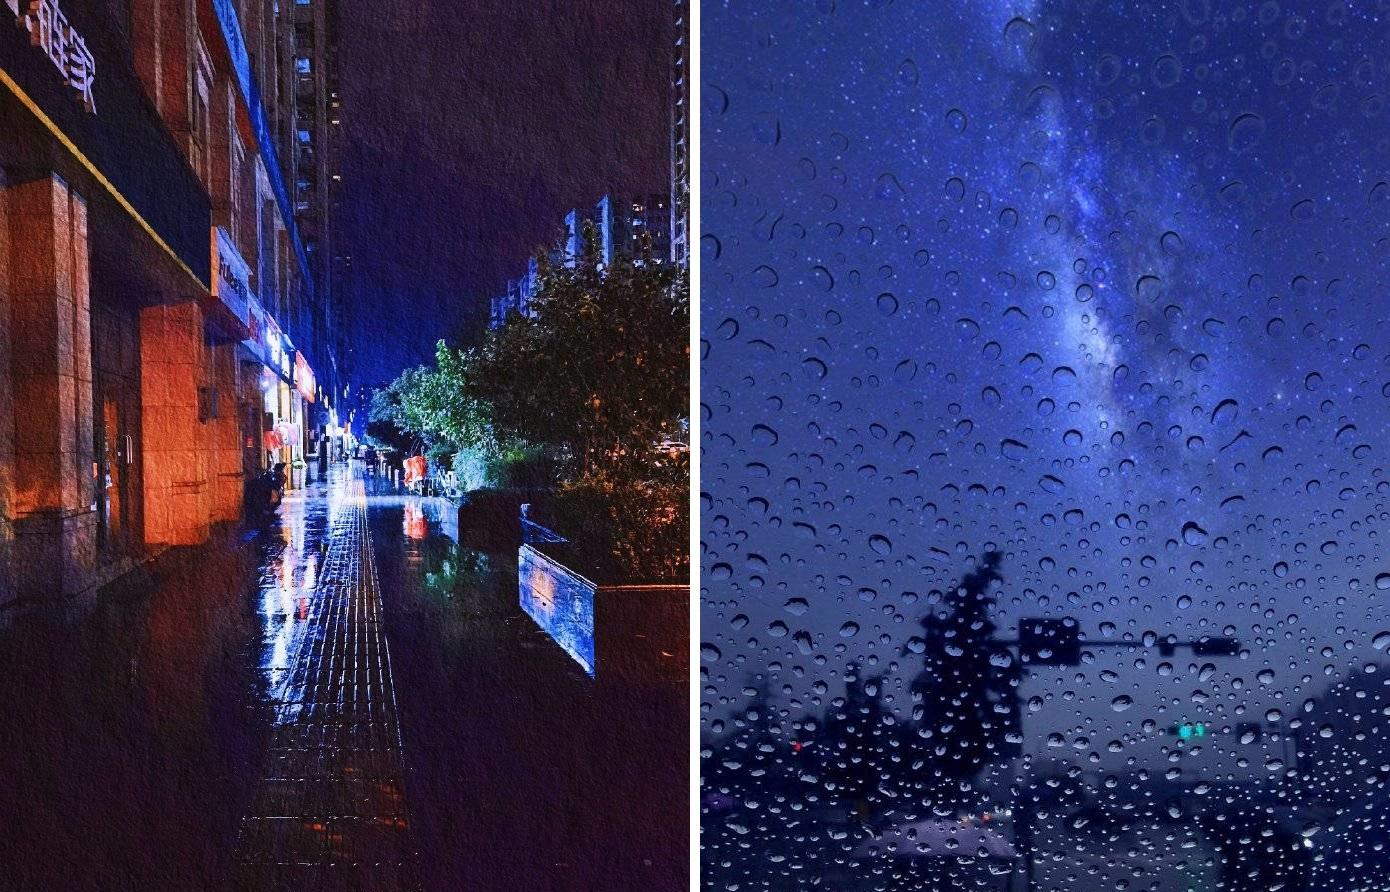 8月11日下午2時左右,四川成都市被烏雲覆蓋,正午2時的天色猶如進入了夜晚,整個城市漆黑一片。(網絡圖片)